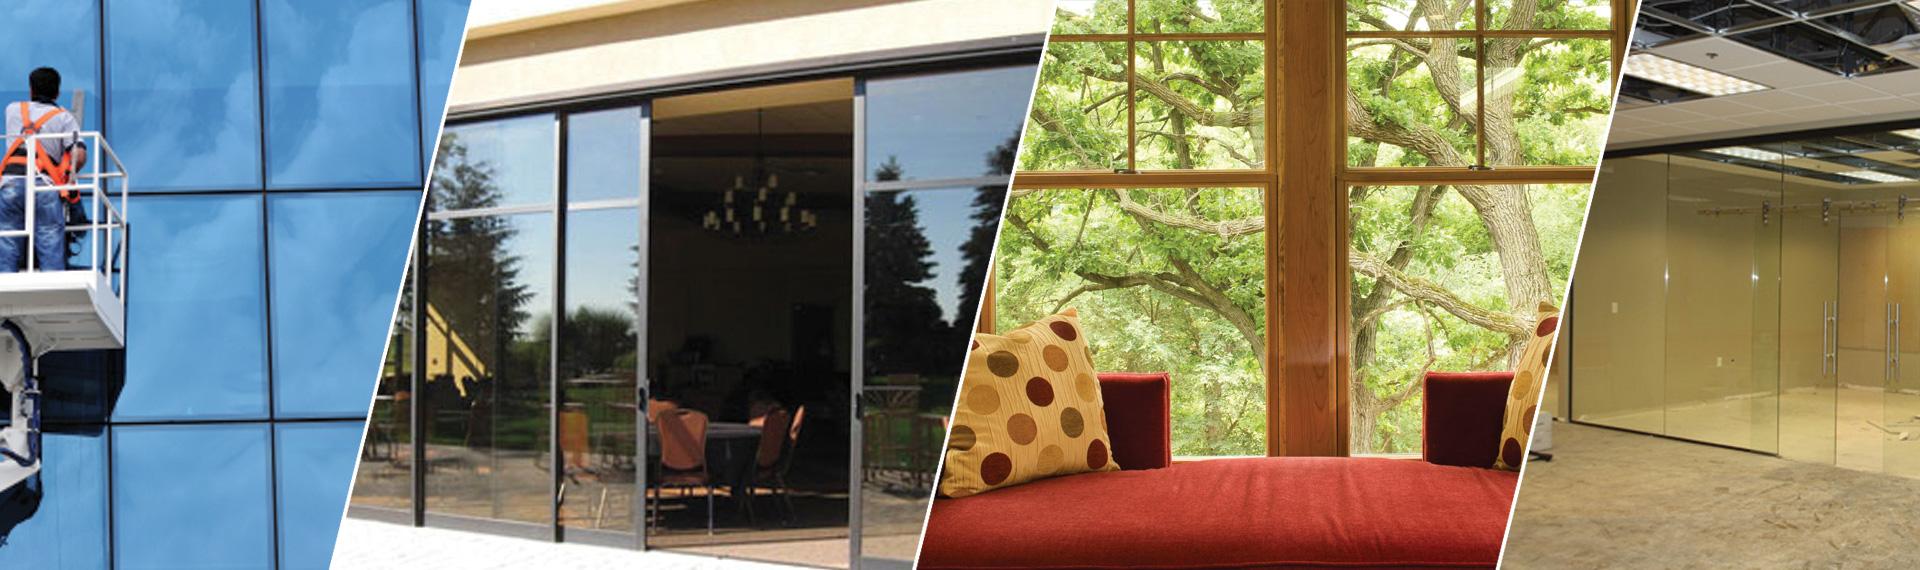 Vitro Glass and Window Repair Arlington VA